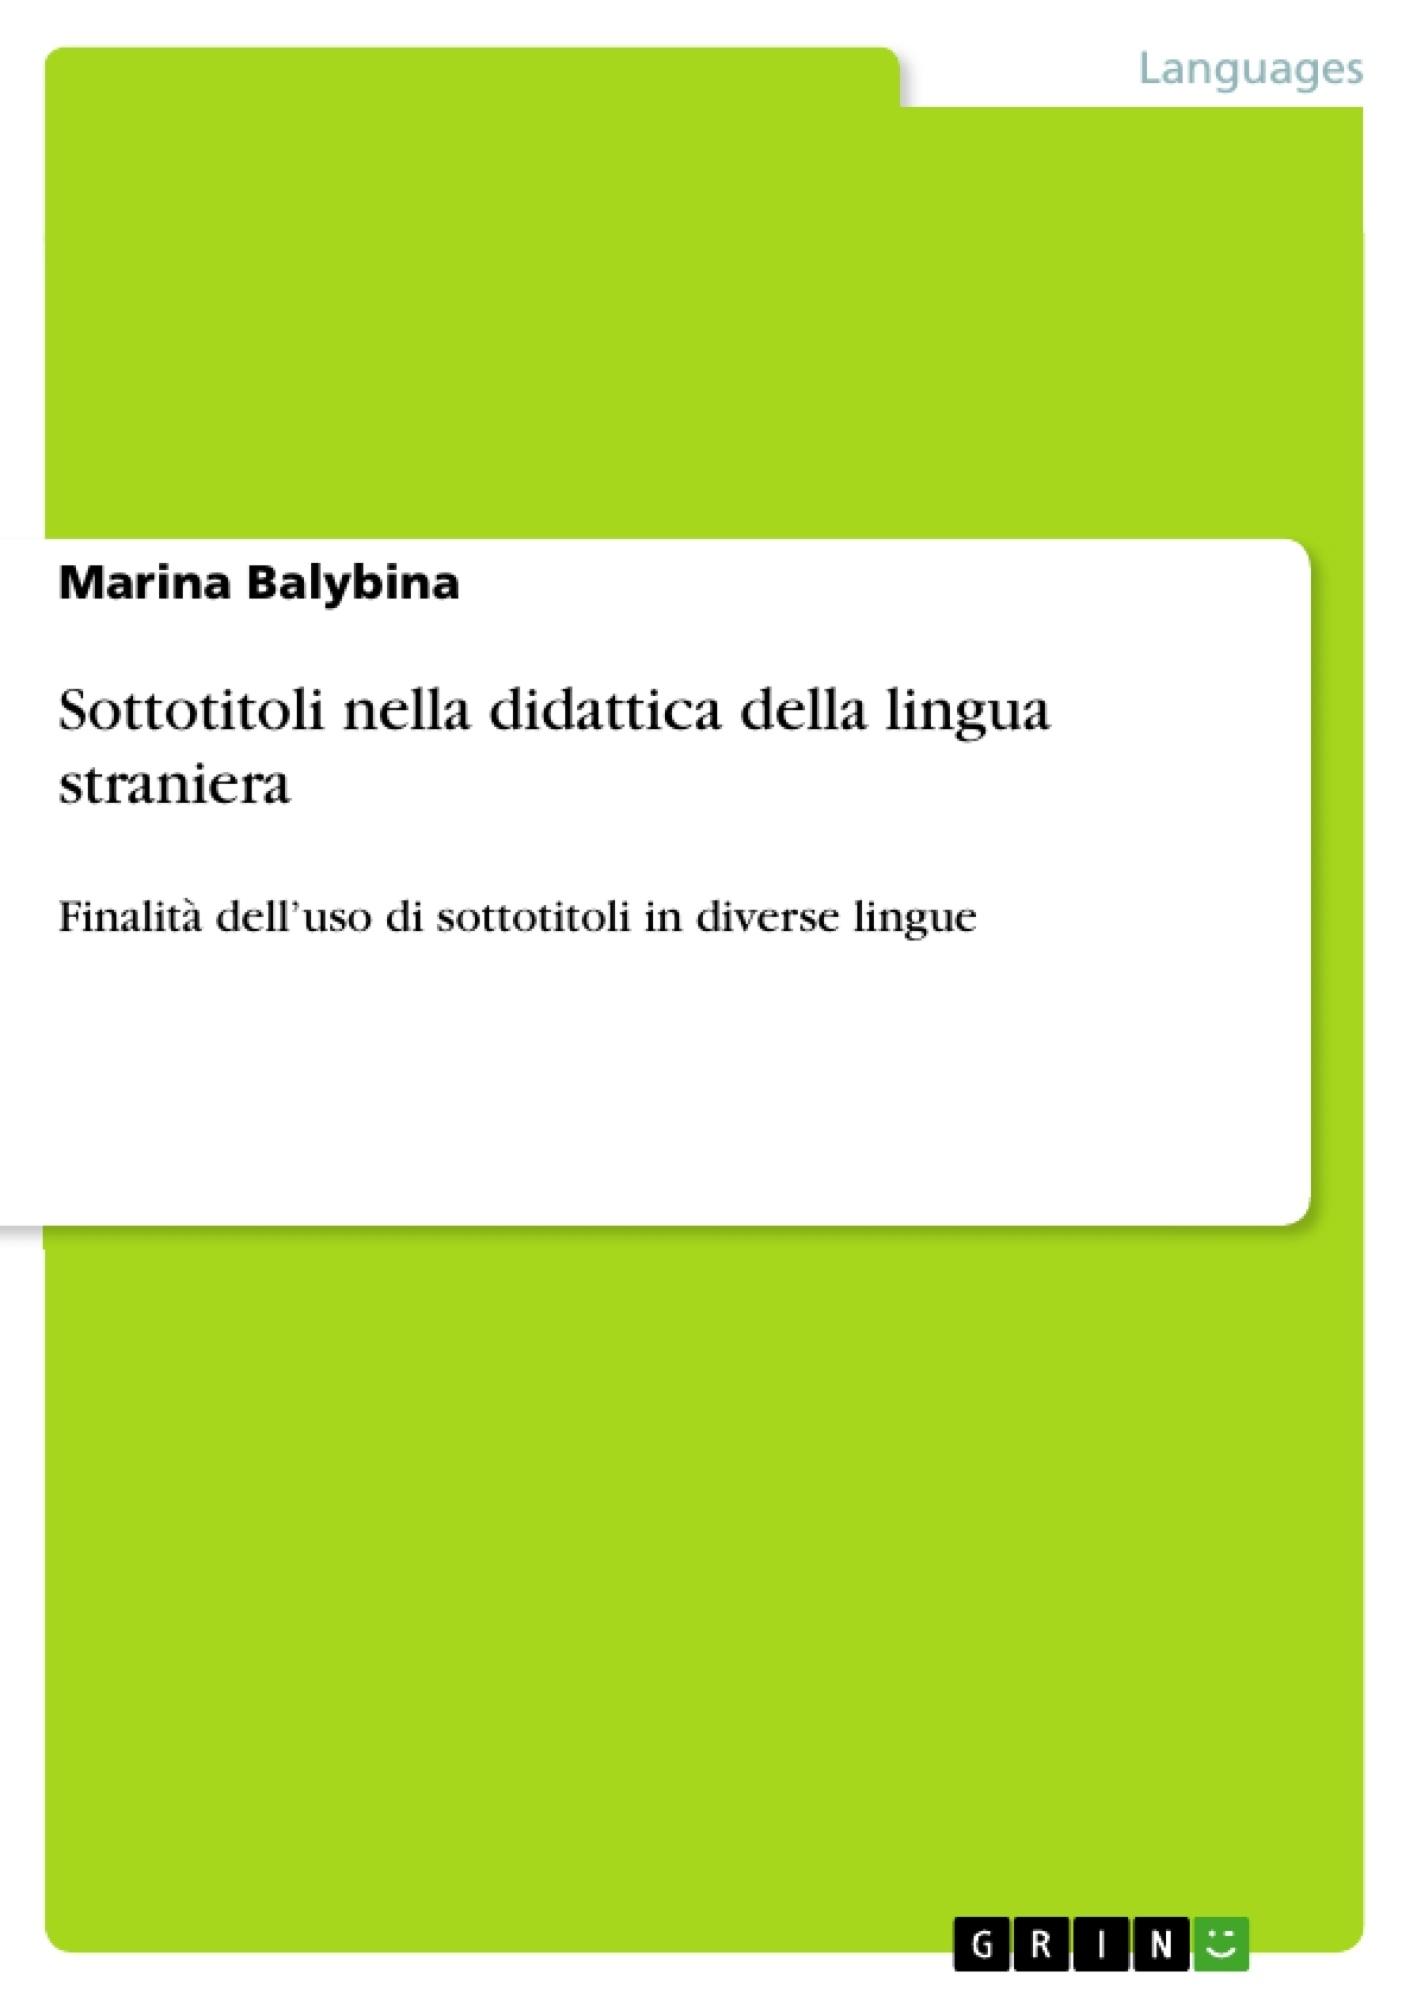 Title: Sottotitoli nella didattica della lingua straniera